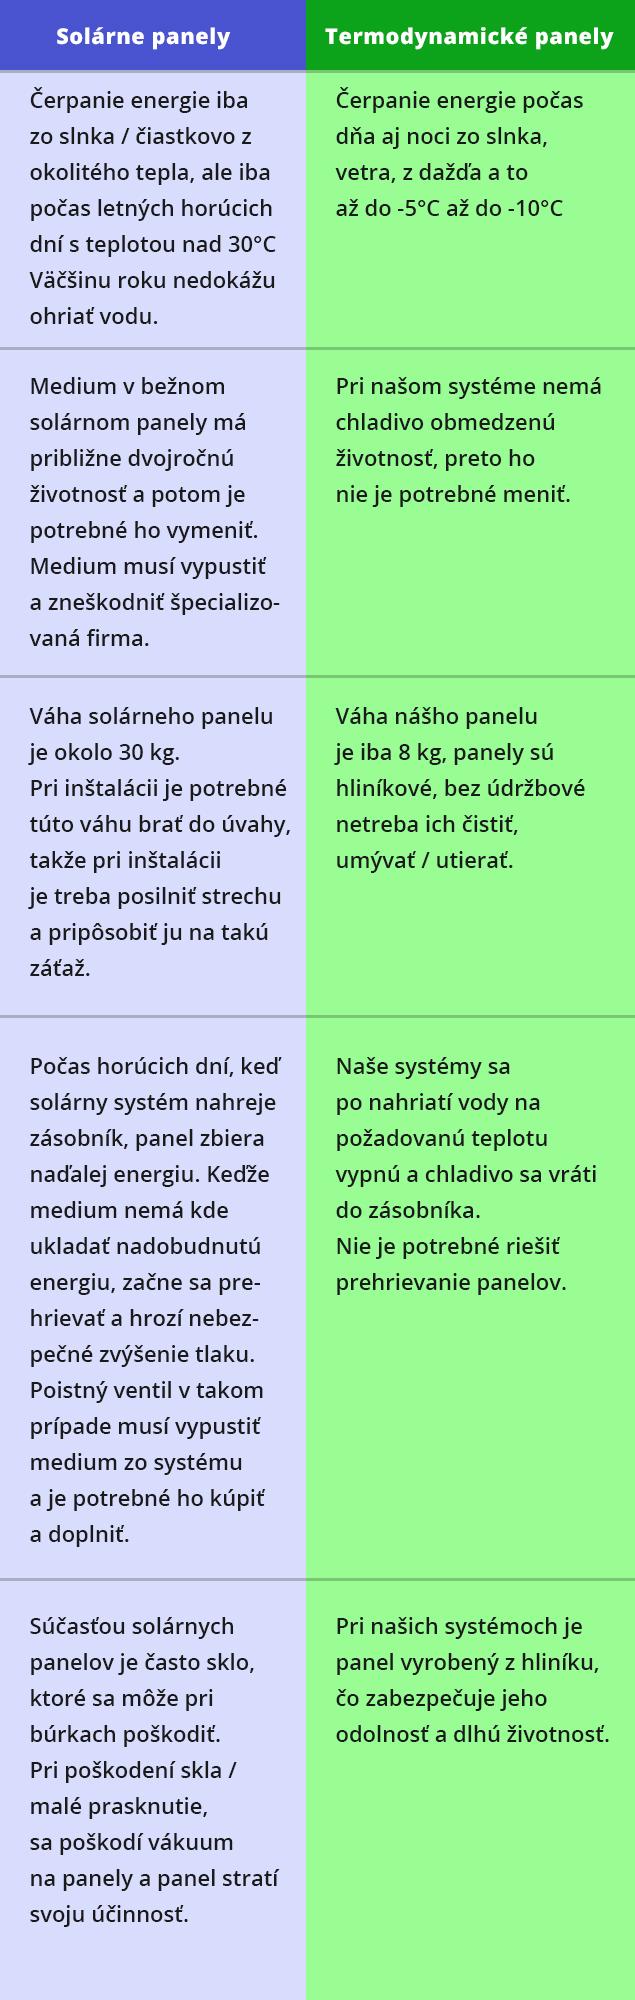 Rozdiely medzi panelmi - DHJ Grup s.r.o.